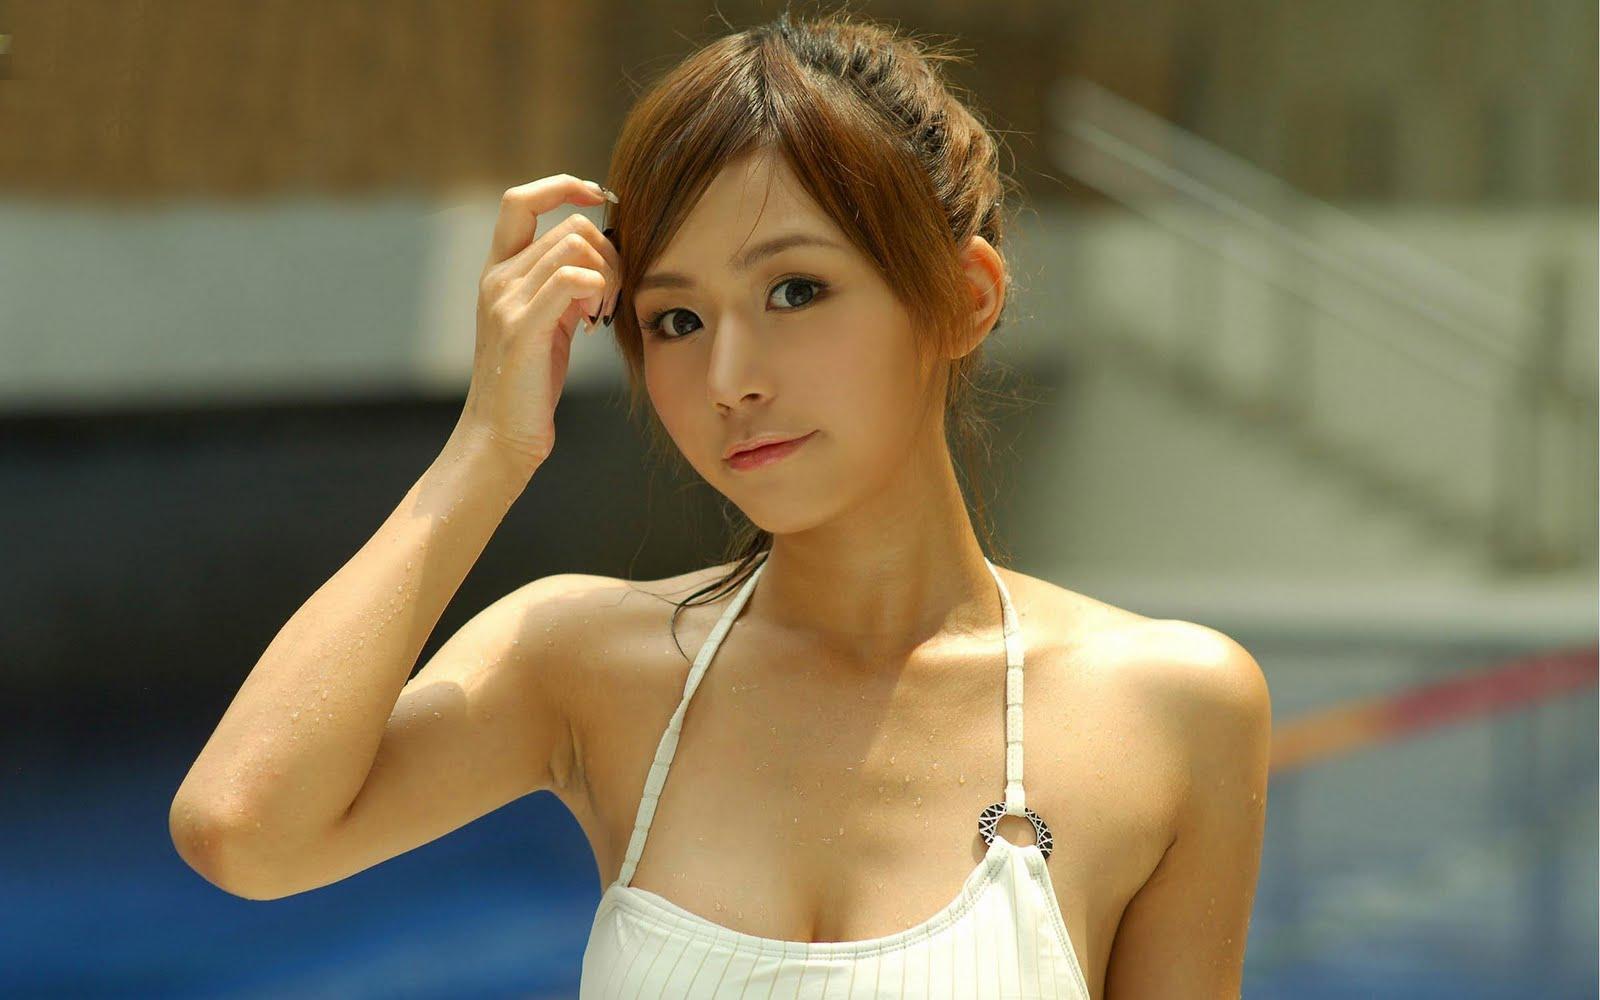 Hd beautiful naked girls-7372